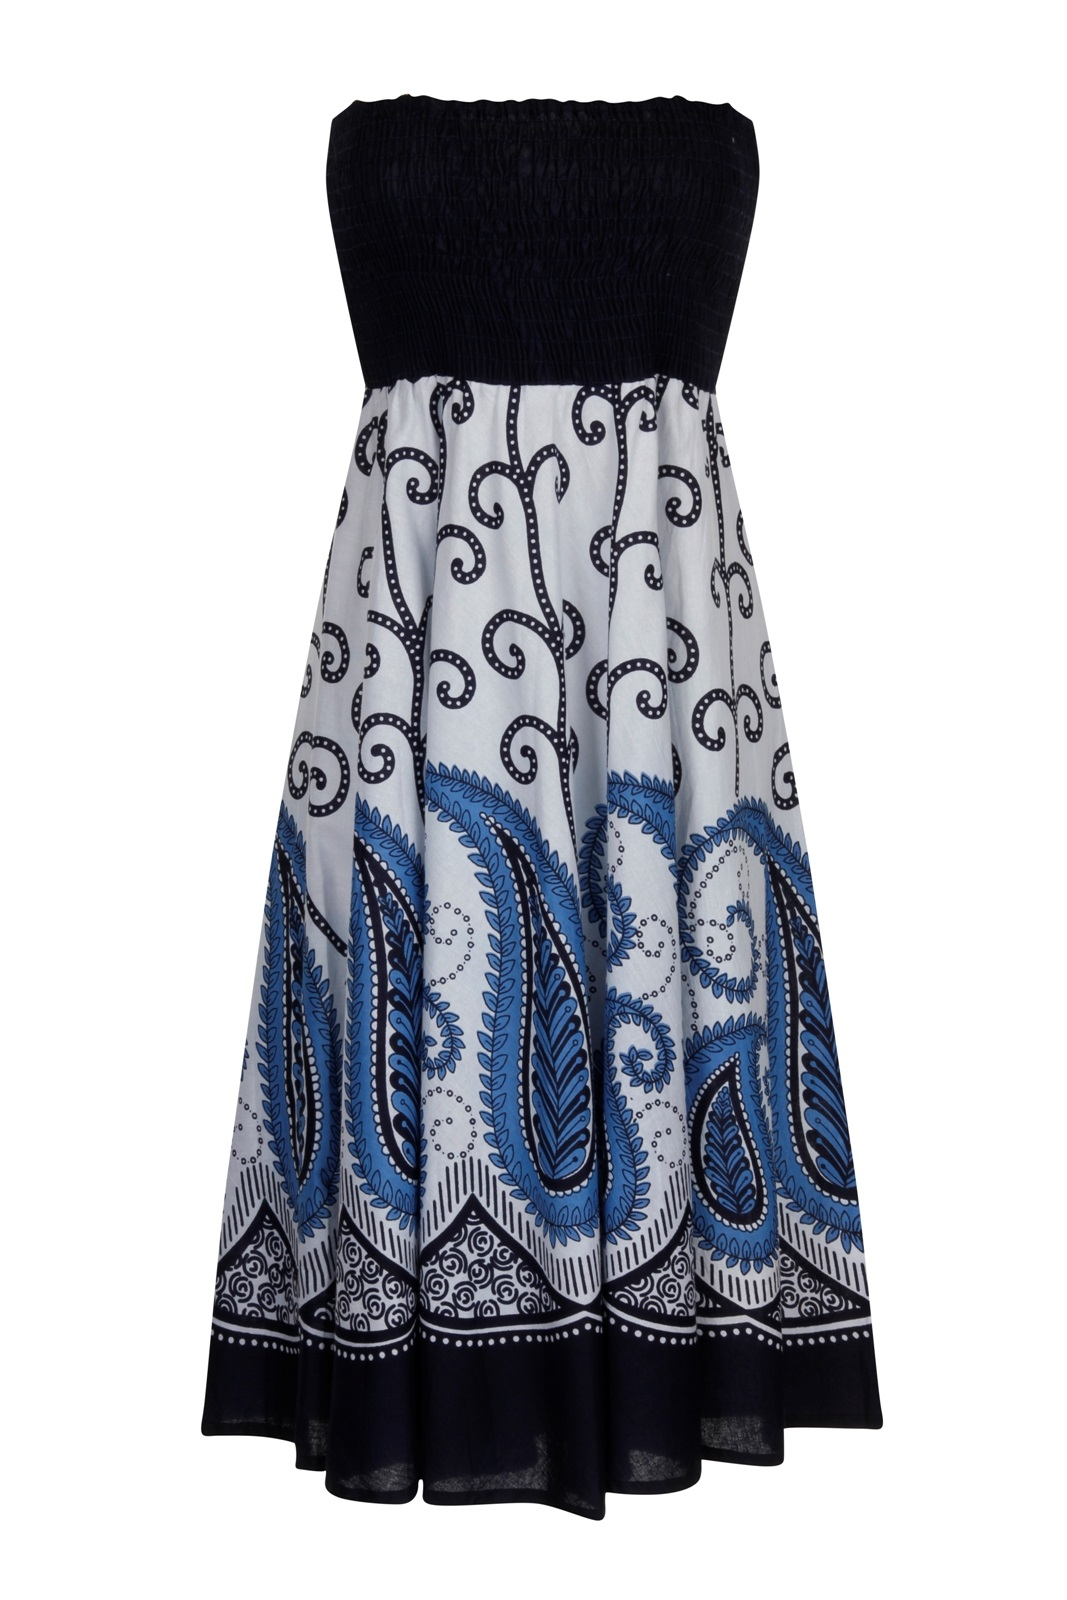 fc50cee2413a Womens 2 In 1 Strapless Cotton Beach Summer Dress   Long Maxi Skirt ...